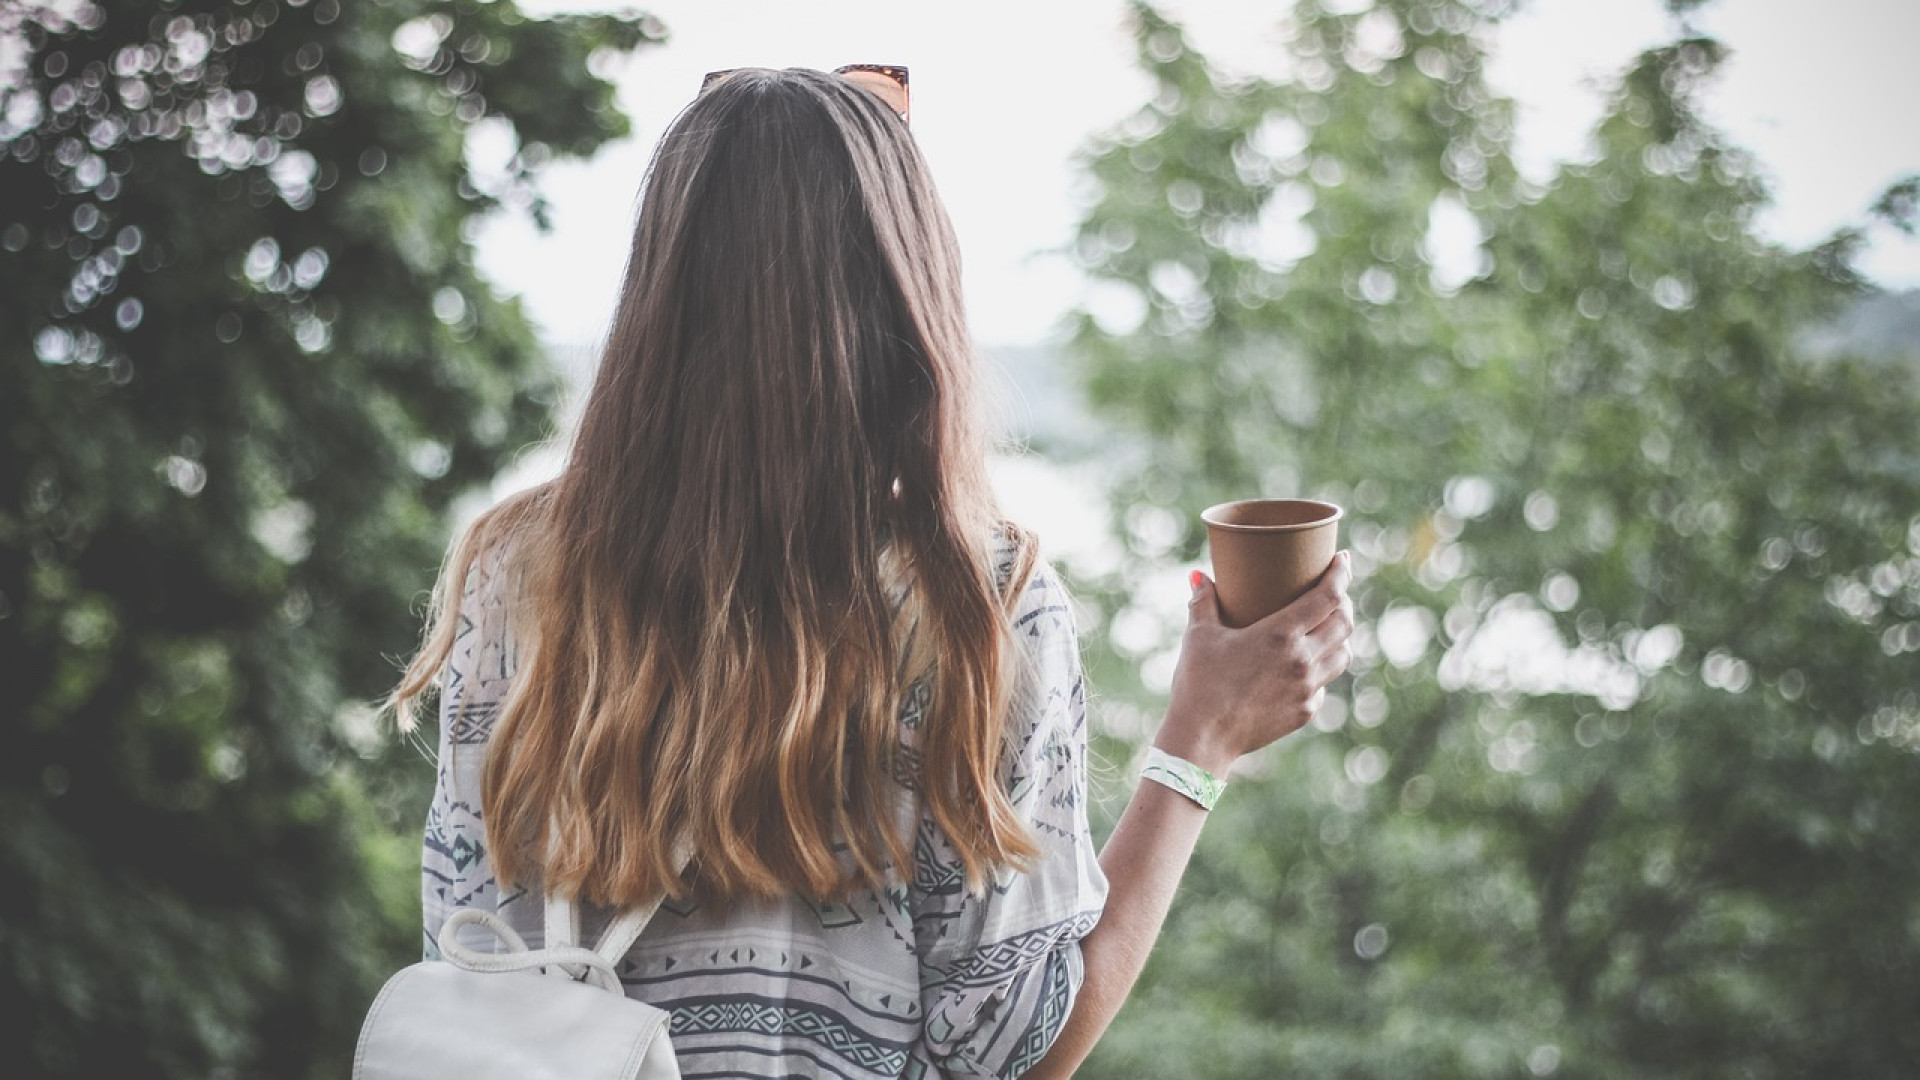 Les extensions vous offrent une belle et longue chevelure